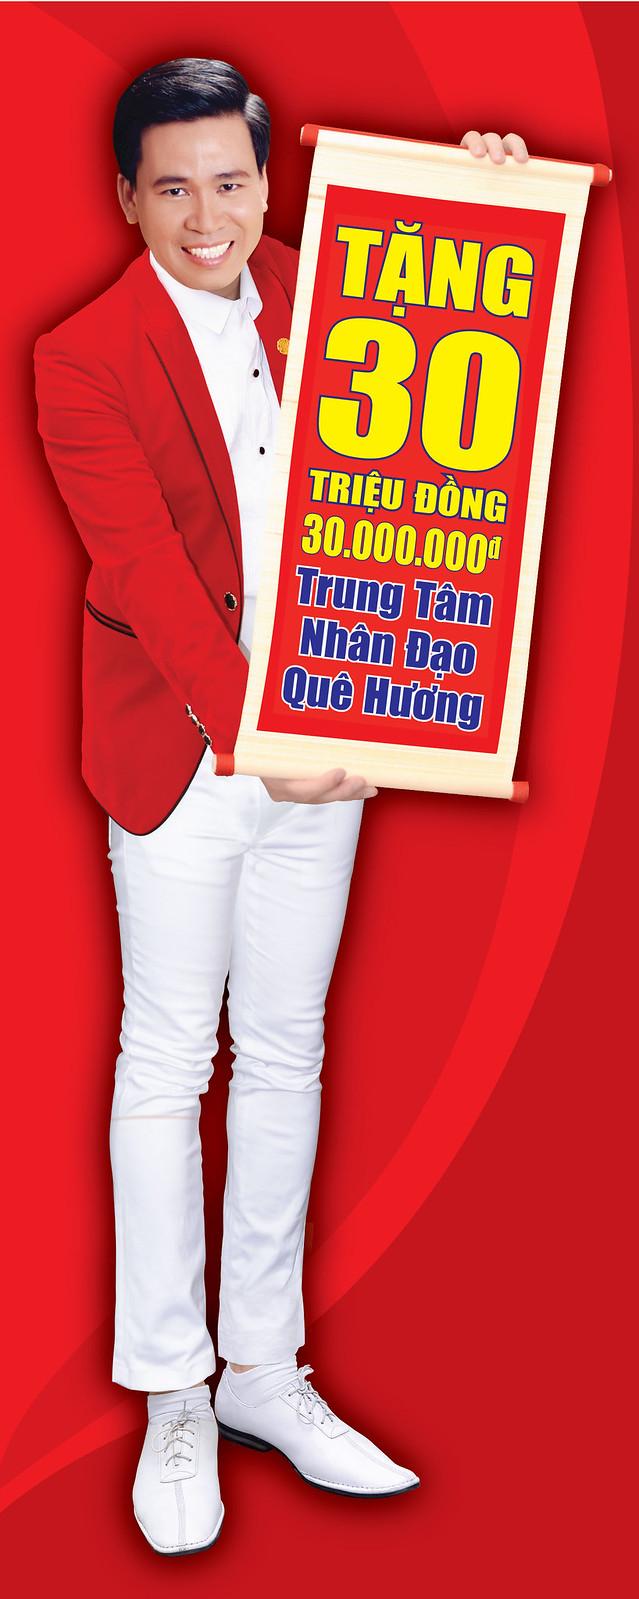 TANG 30 TRIEU